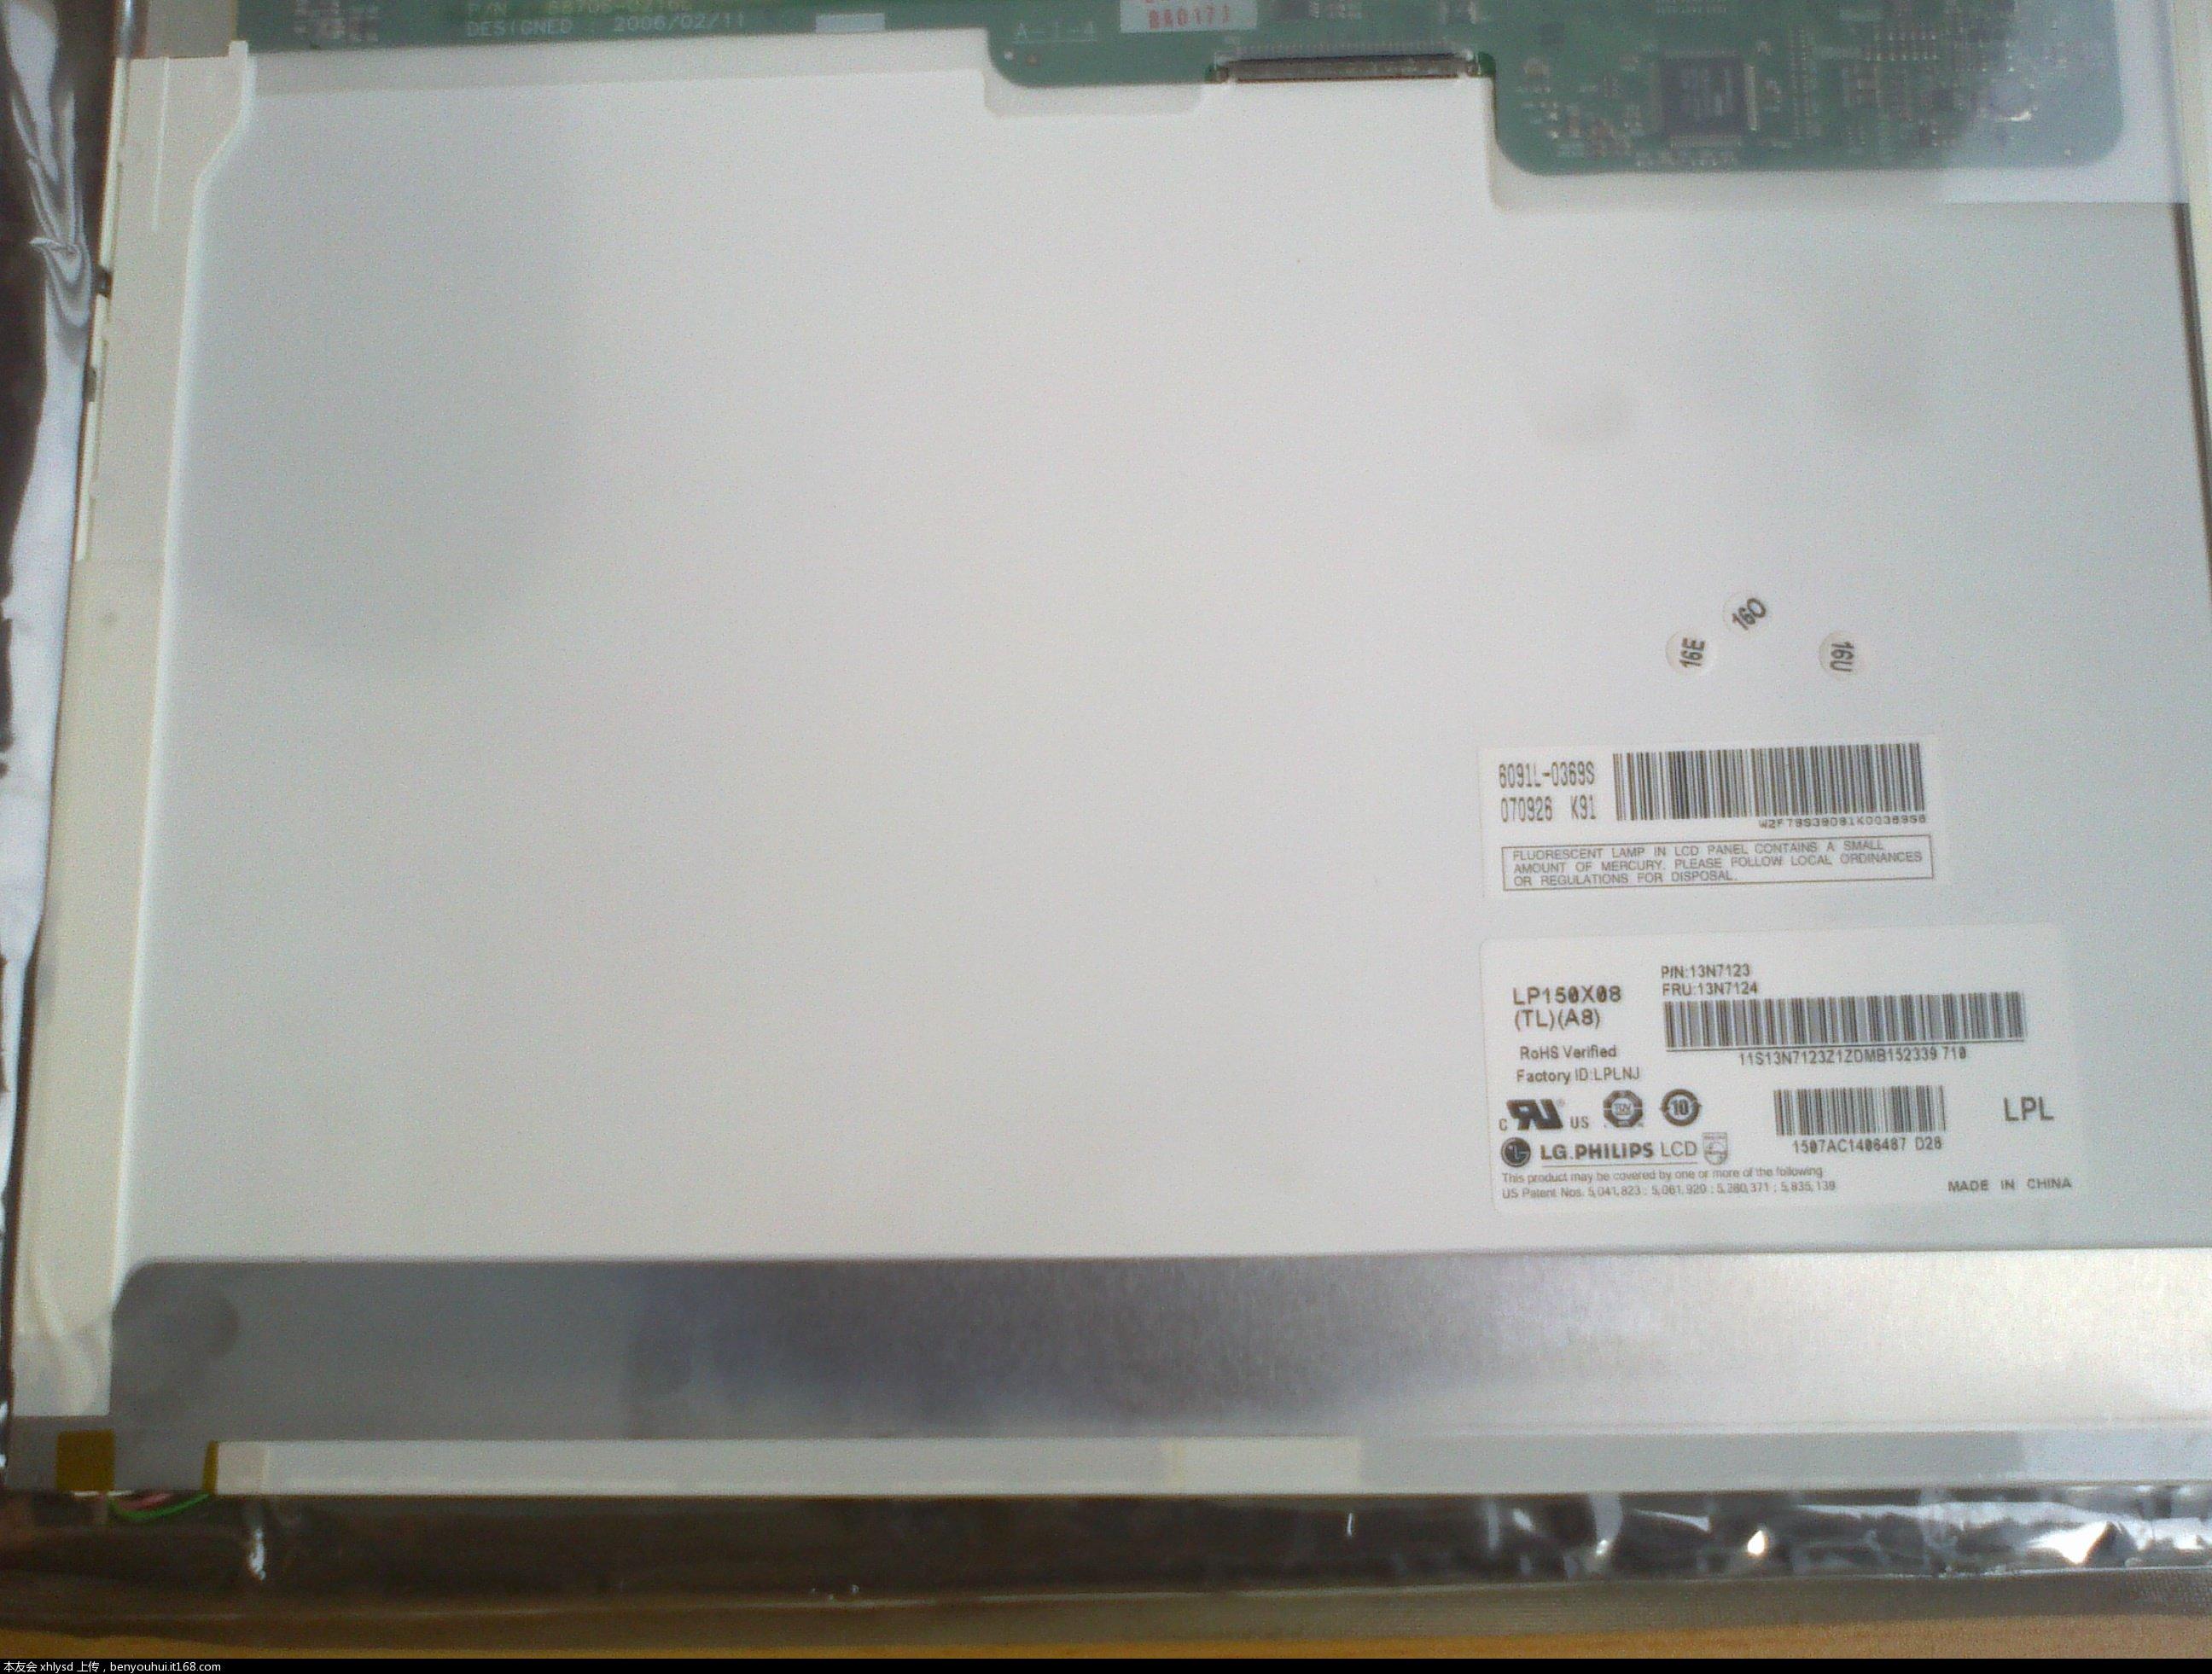 出售 thinkpad 自用 拆机r60i 液晶屏lp150x08 15寸高清图片